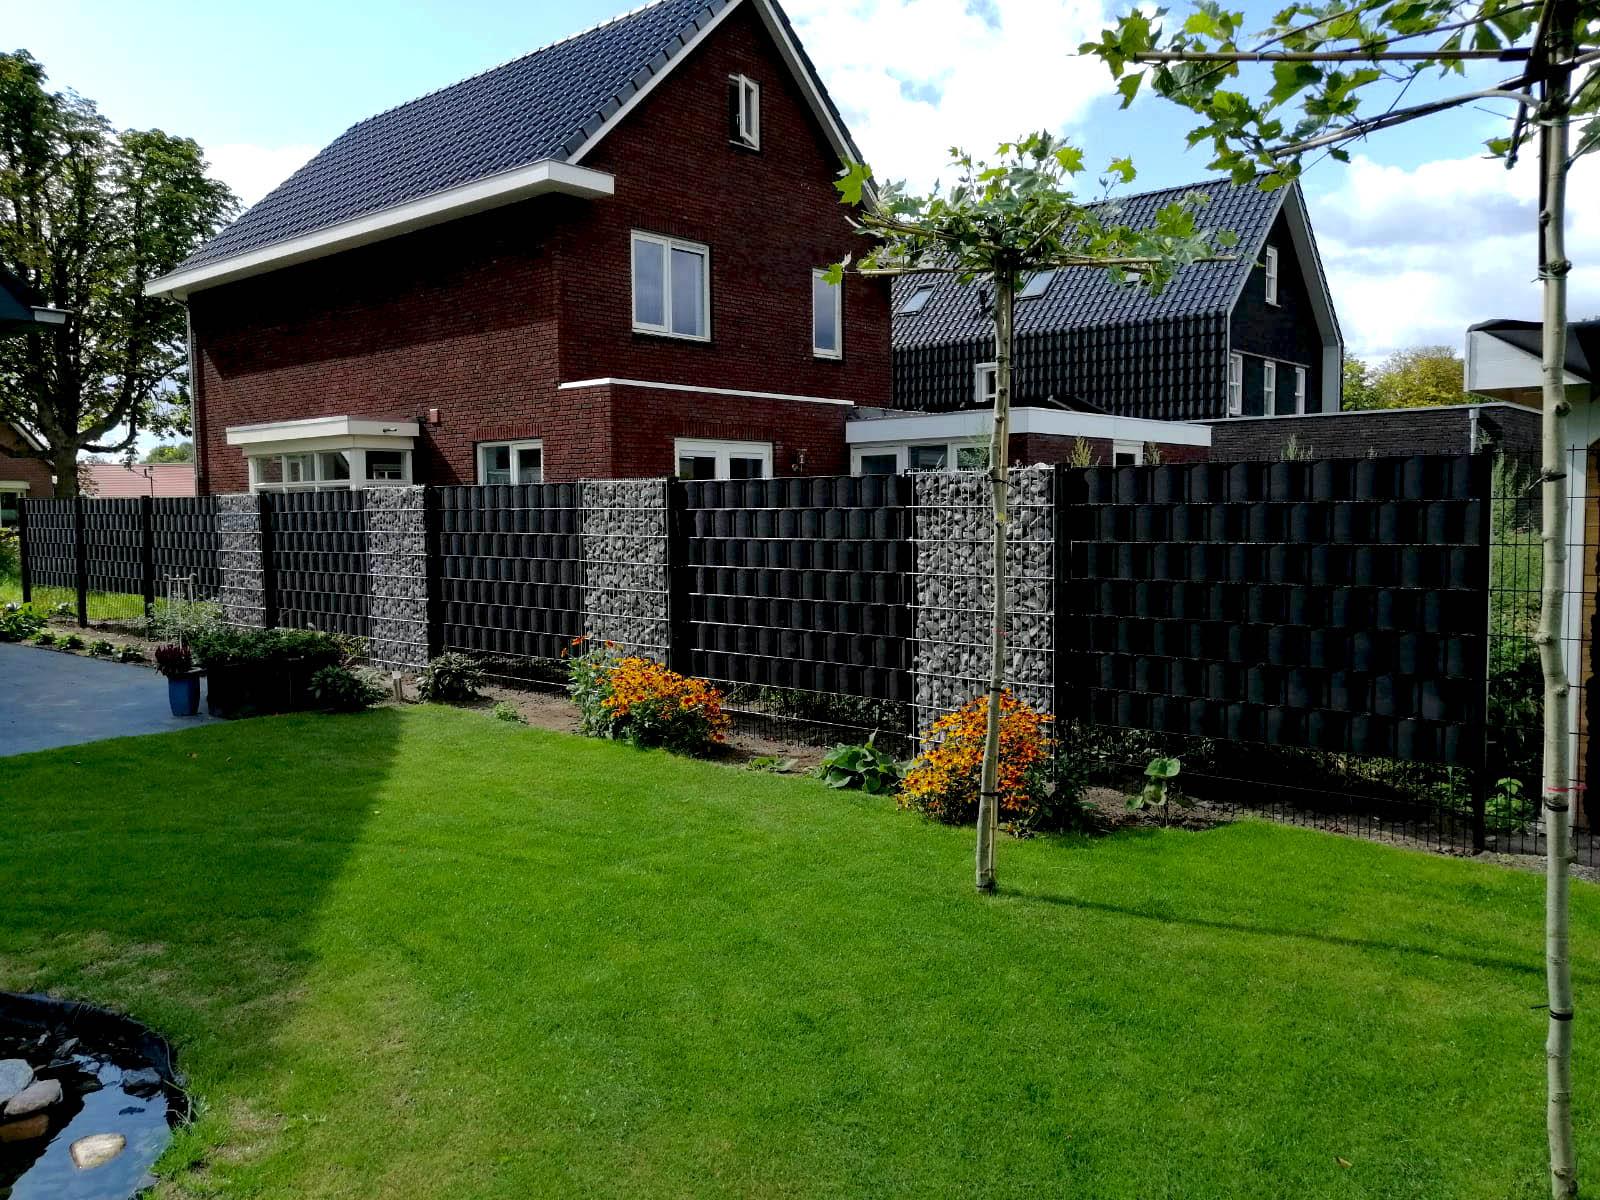 Geluidsbescherming in je eigen tuin - dit zijn de juiste hekken!